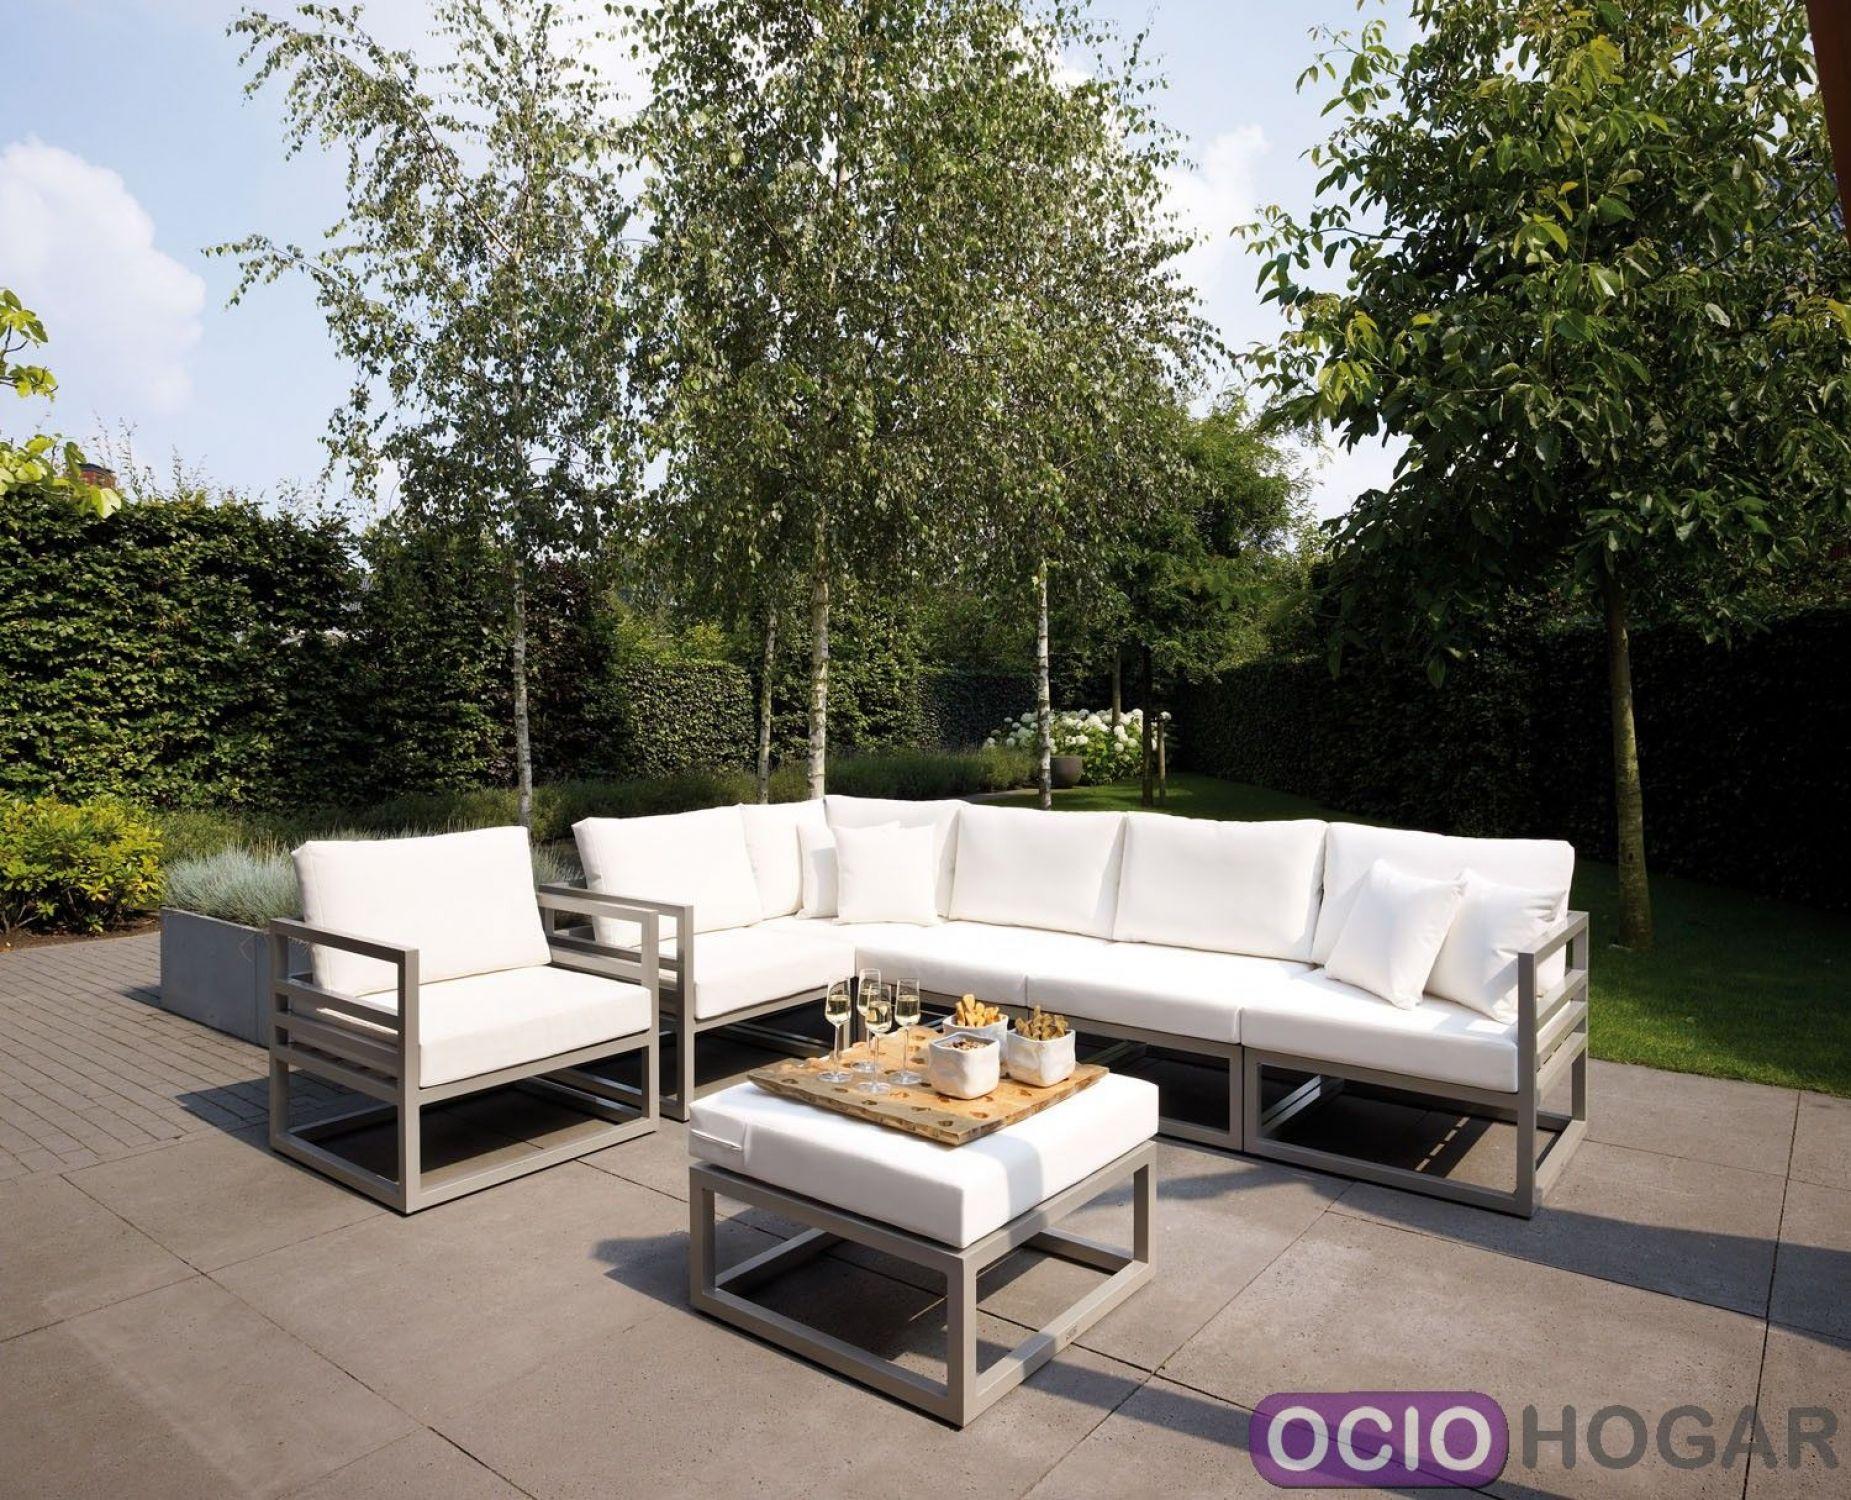 Sof y mesa de jard n aluminio francia majestic garden for Muebles de aluminio para jardin